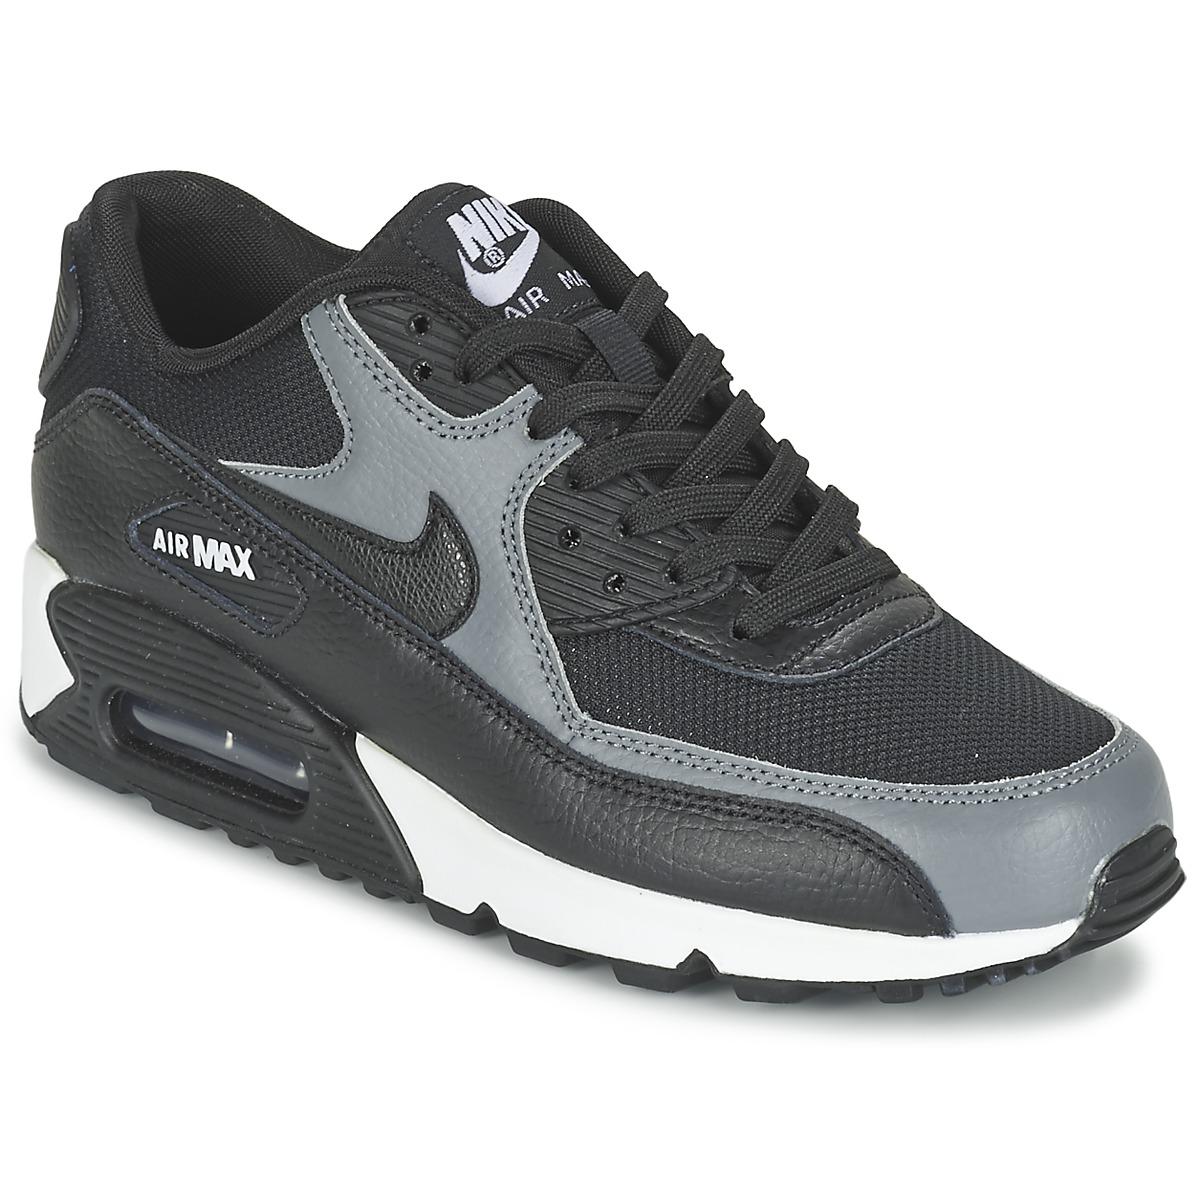 Nike AIR MAX 90 W Schwarz / Grau - Kostenloser Versand bei Spartoode ! - Schuhe Sneaker Low Damen 111,20 €